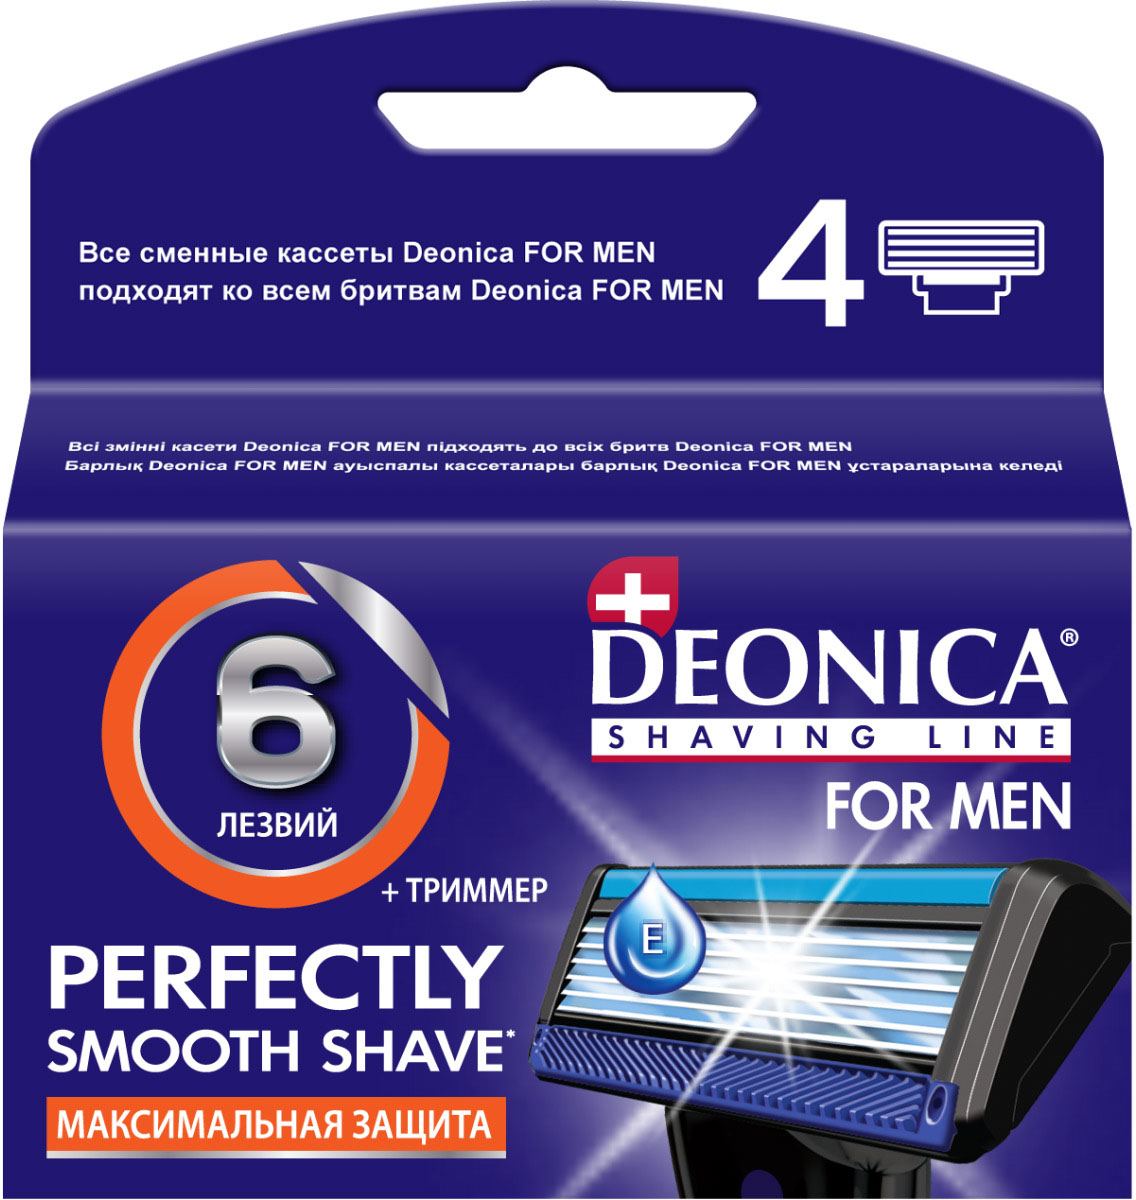 Сменные кассеты для бритья Deonica 6 лезвий с алмазным покрытием и комплексом MicroSILVER for MEN, 4шт цена